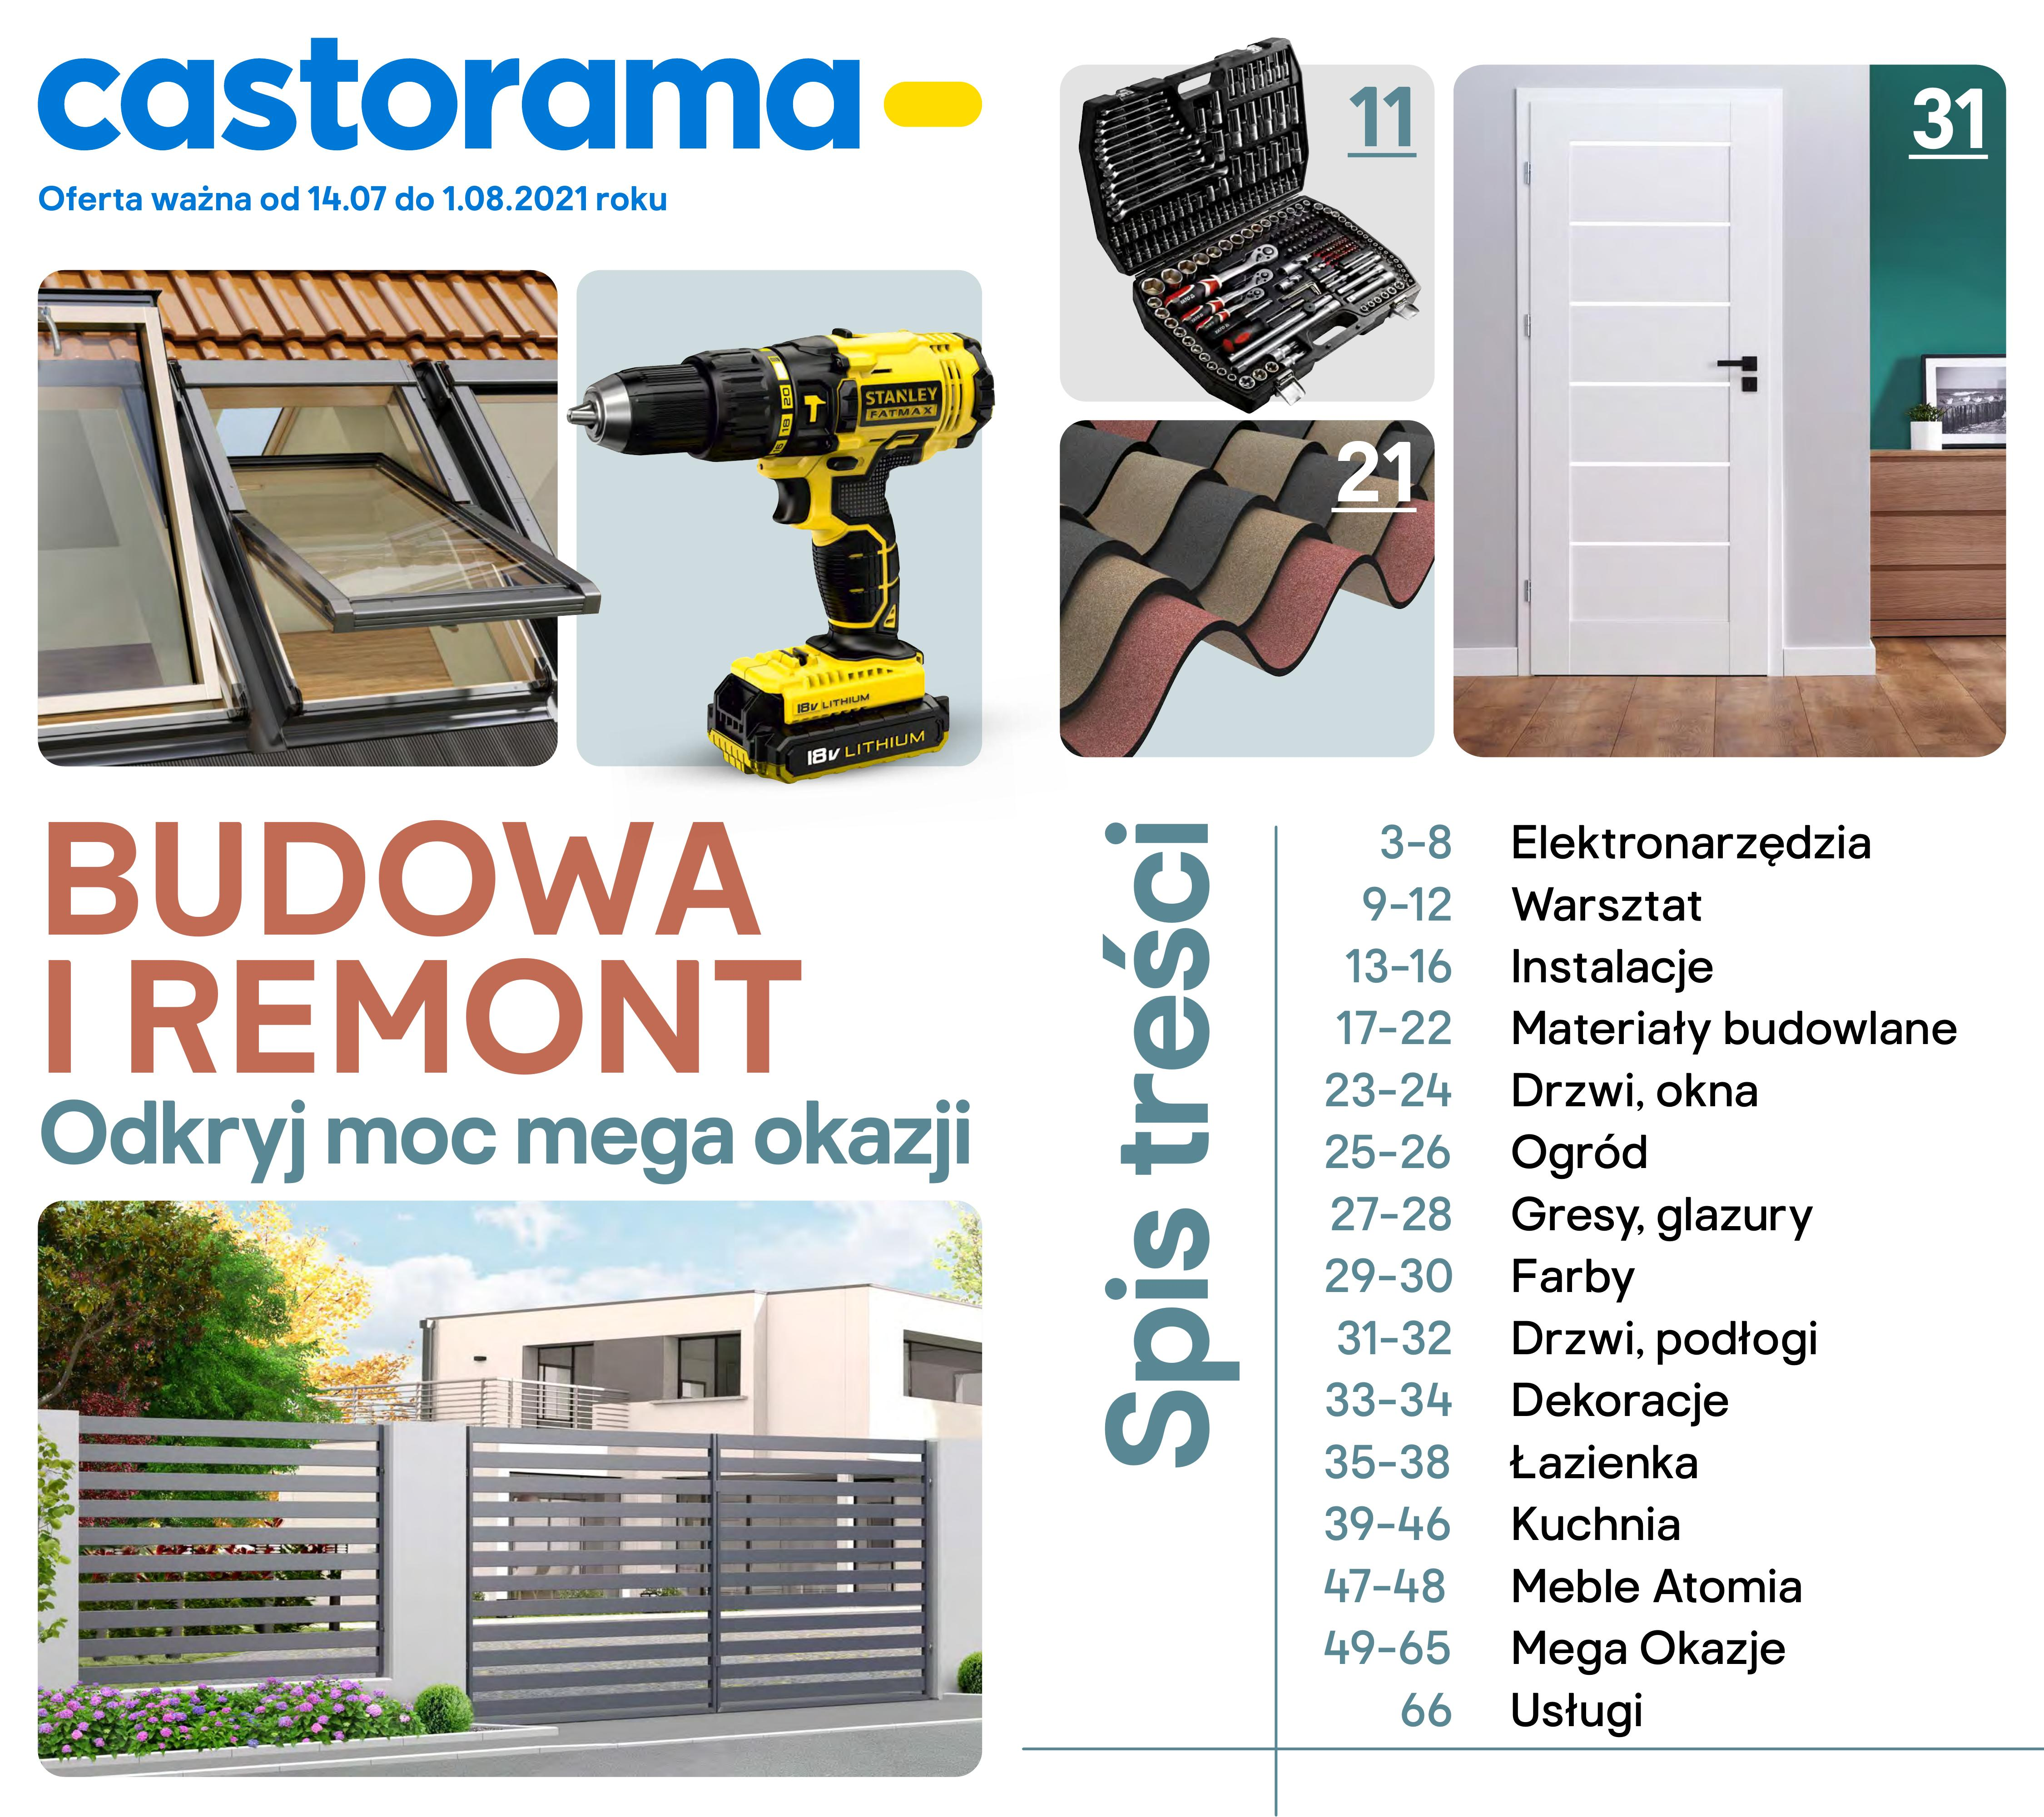 Gazetka Gazetka Castorama